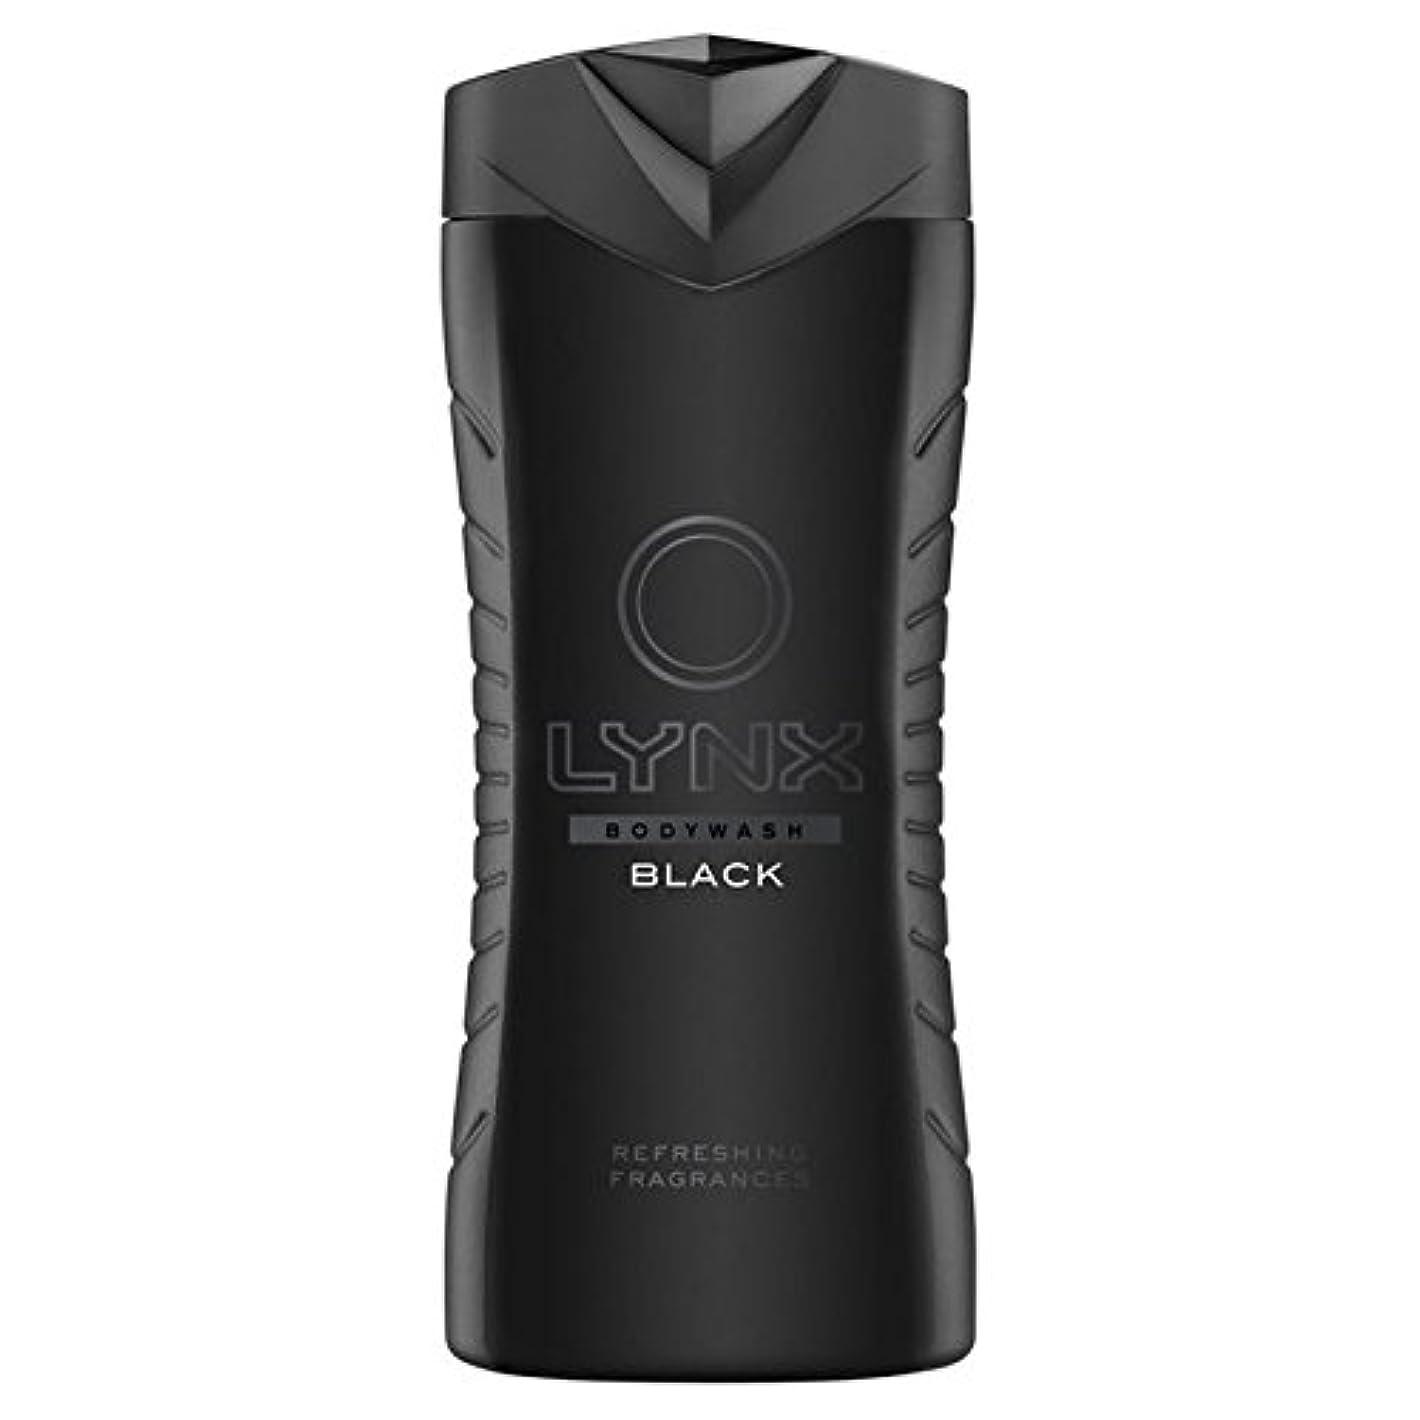 改修レコーダー貧困Lynx Black Shower Gel 400ml (Pack of 6) - オオヤマネコブラックシャワージェル400ミリリットル x6 [並行輸入品]